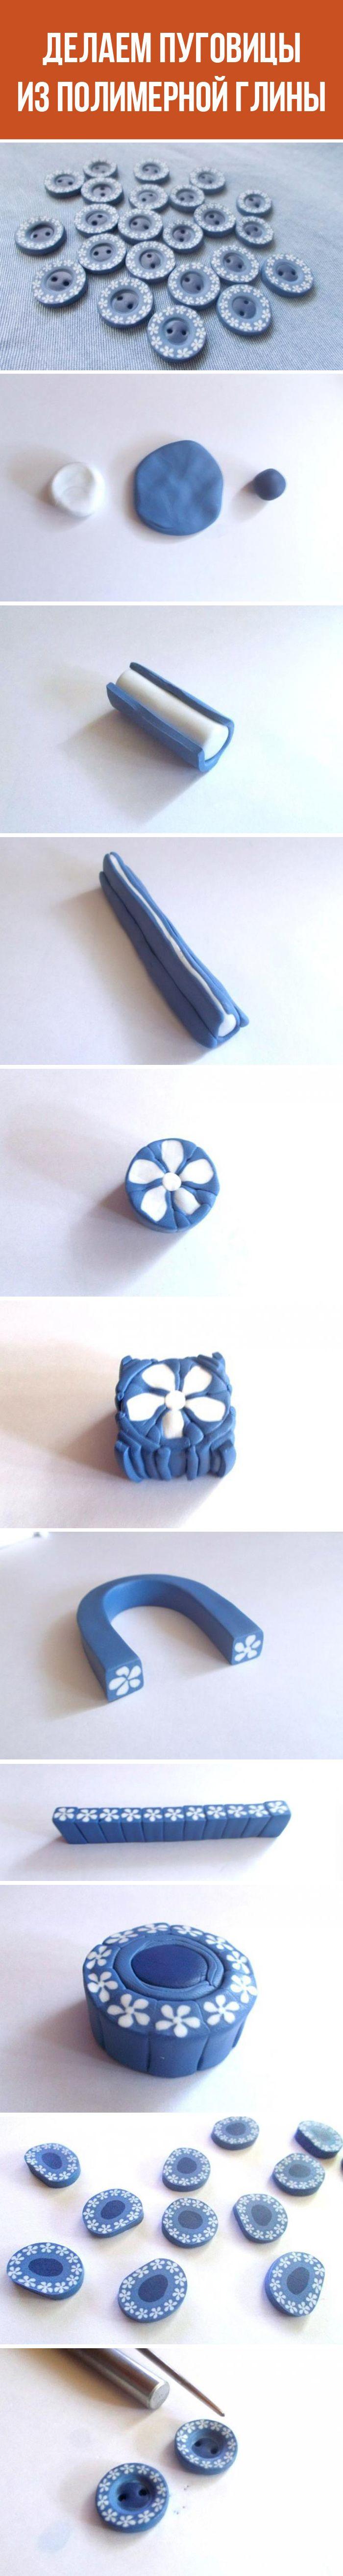 """Лепим милые пуговички из полимерной глины в технике """"кейн"""". Урок для начинающих #diy #tutorial #polymerclay #buttons"""